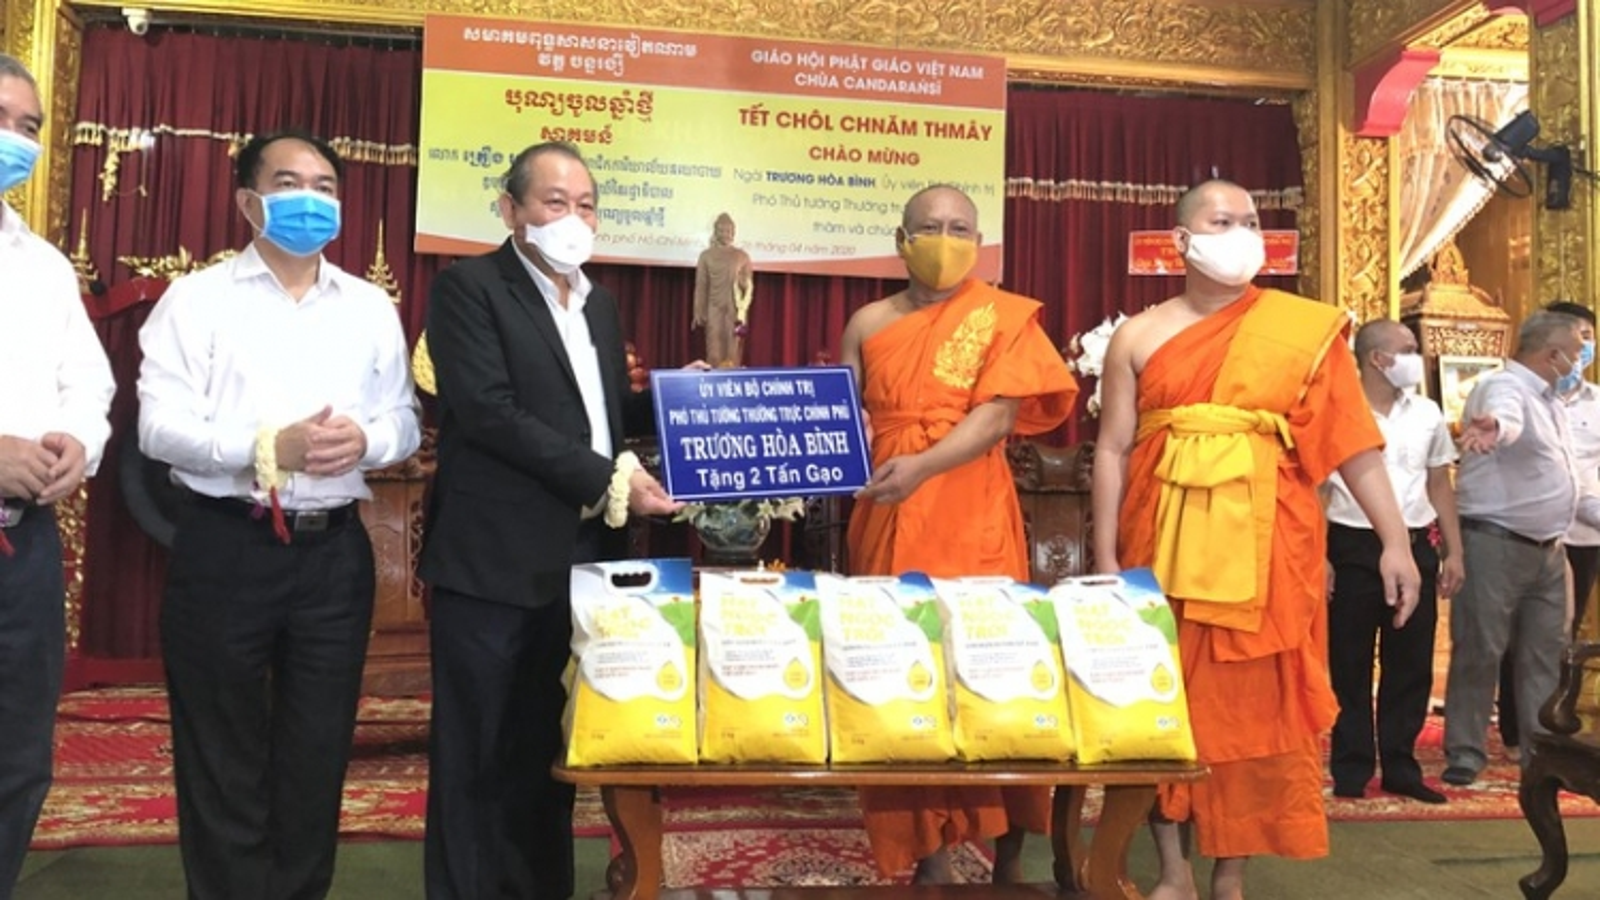 Phó Thủ tướng Trương Hoà Bình chúc tết đồng bào Khmer Nam bộ